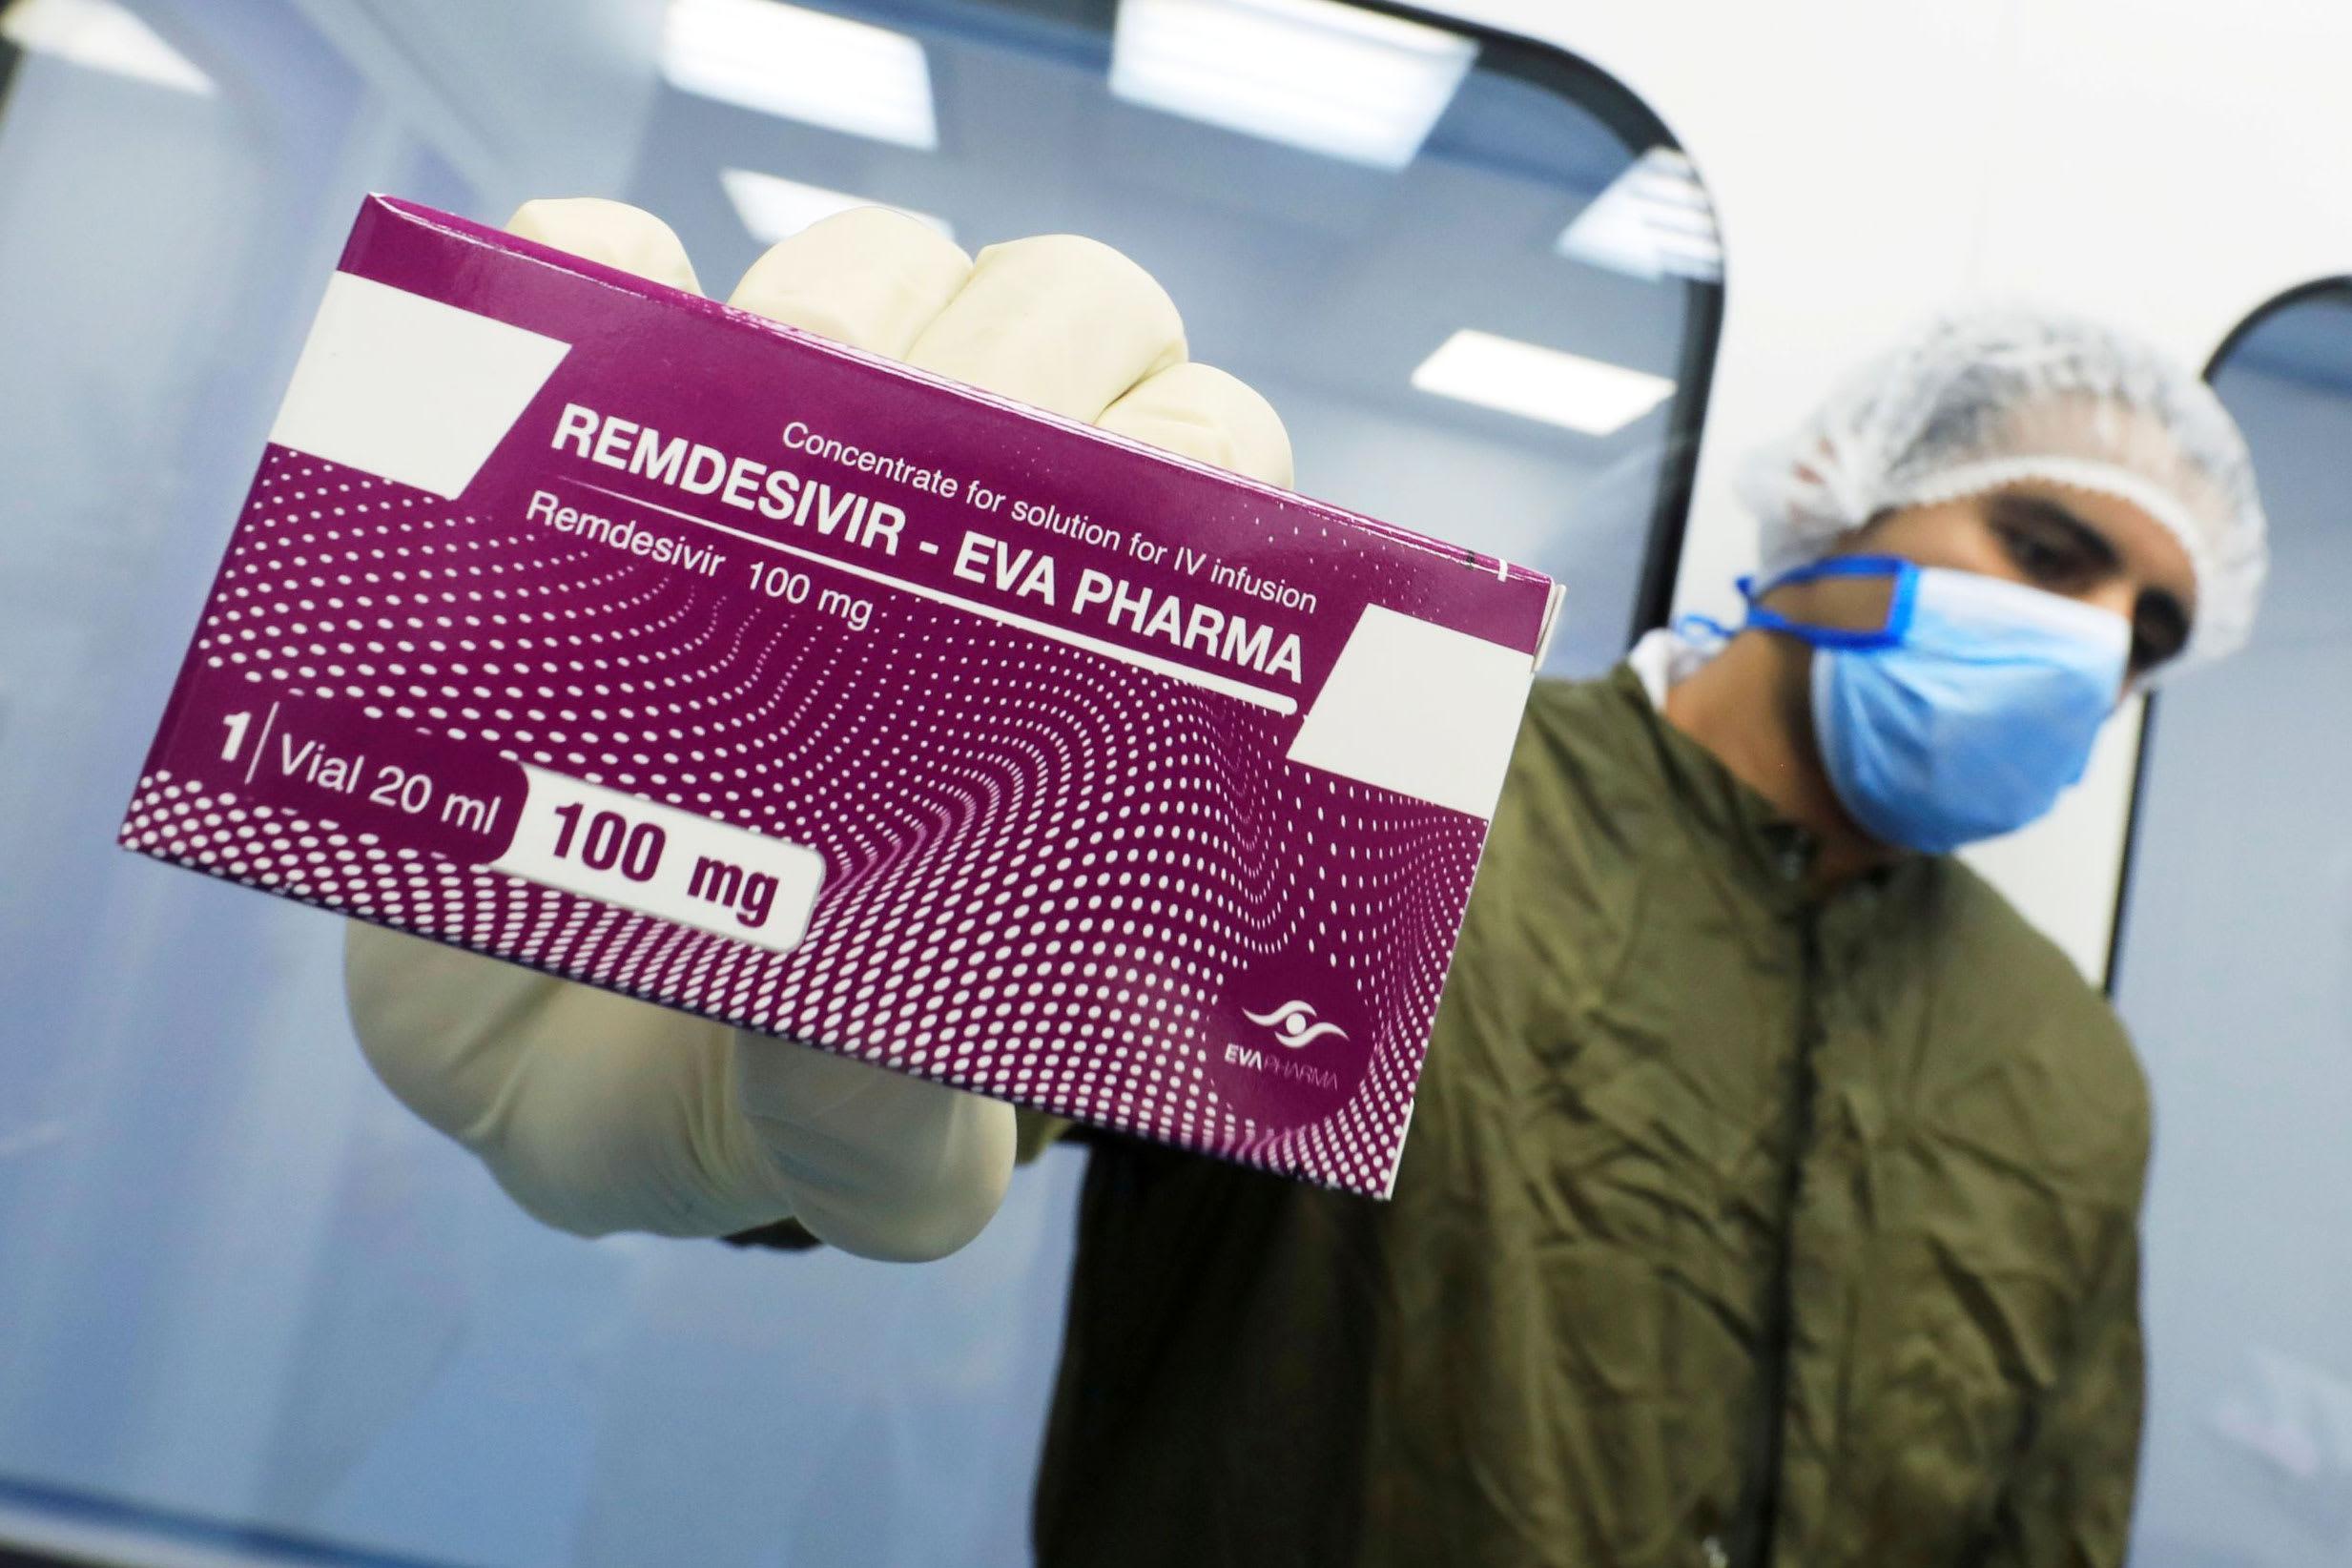 FDA phê duyệt remdesivir là thuốc điều trị COVID-19 - Ảnh 1.